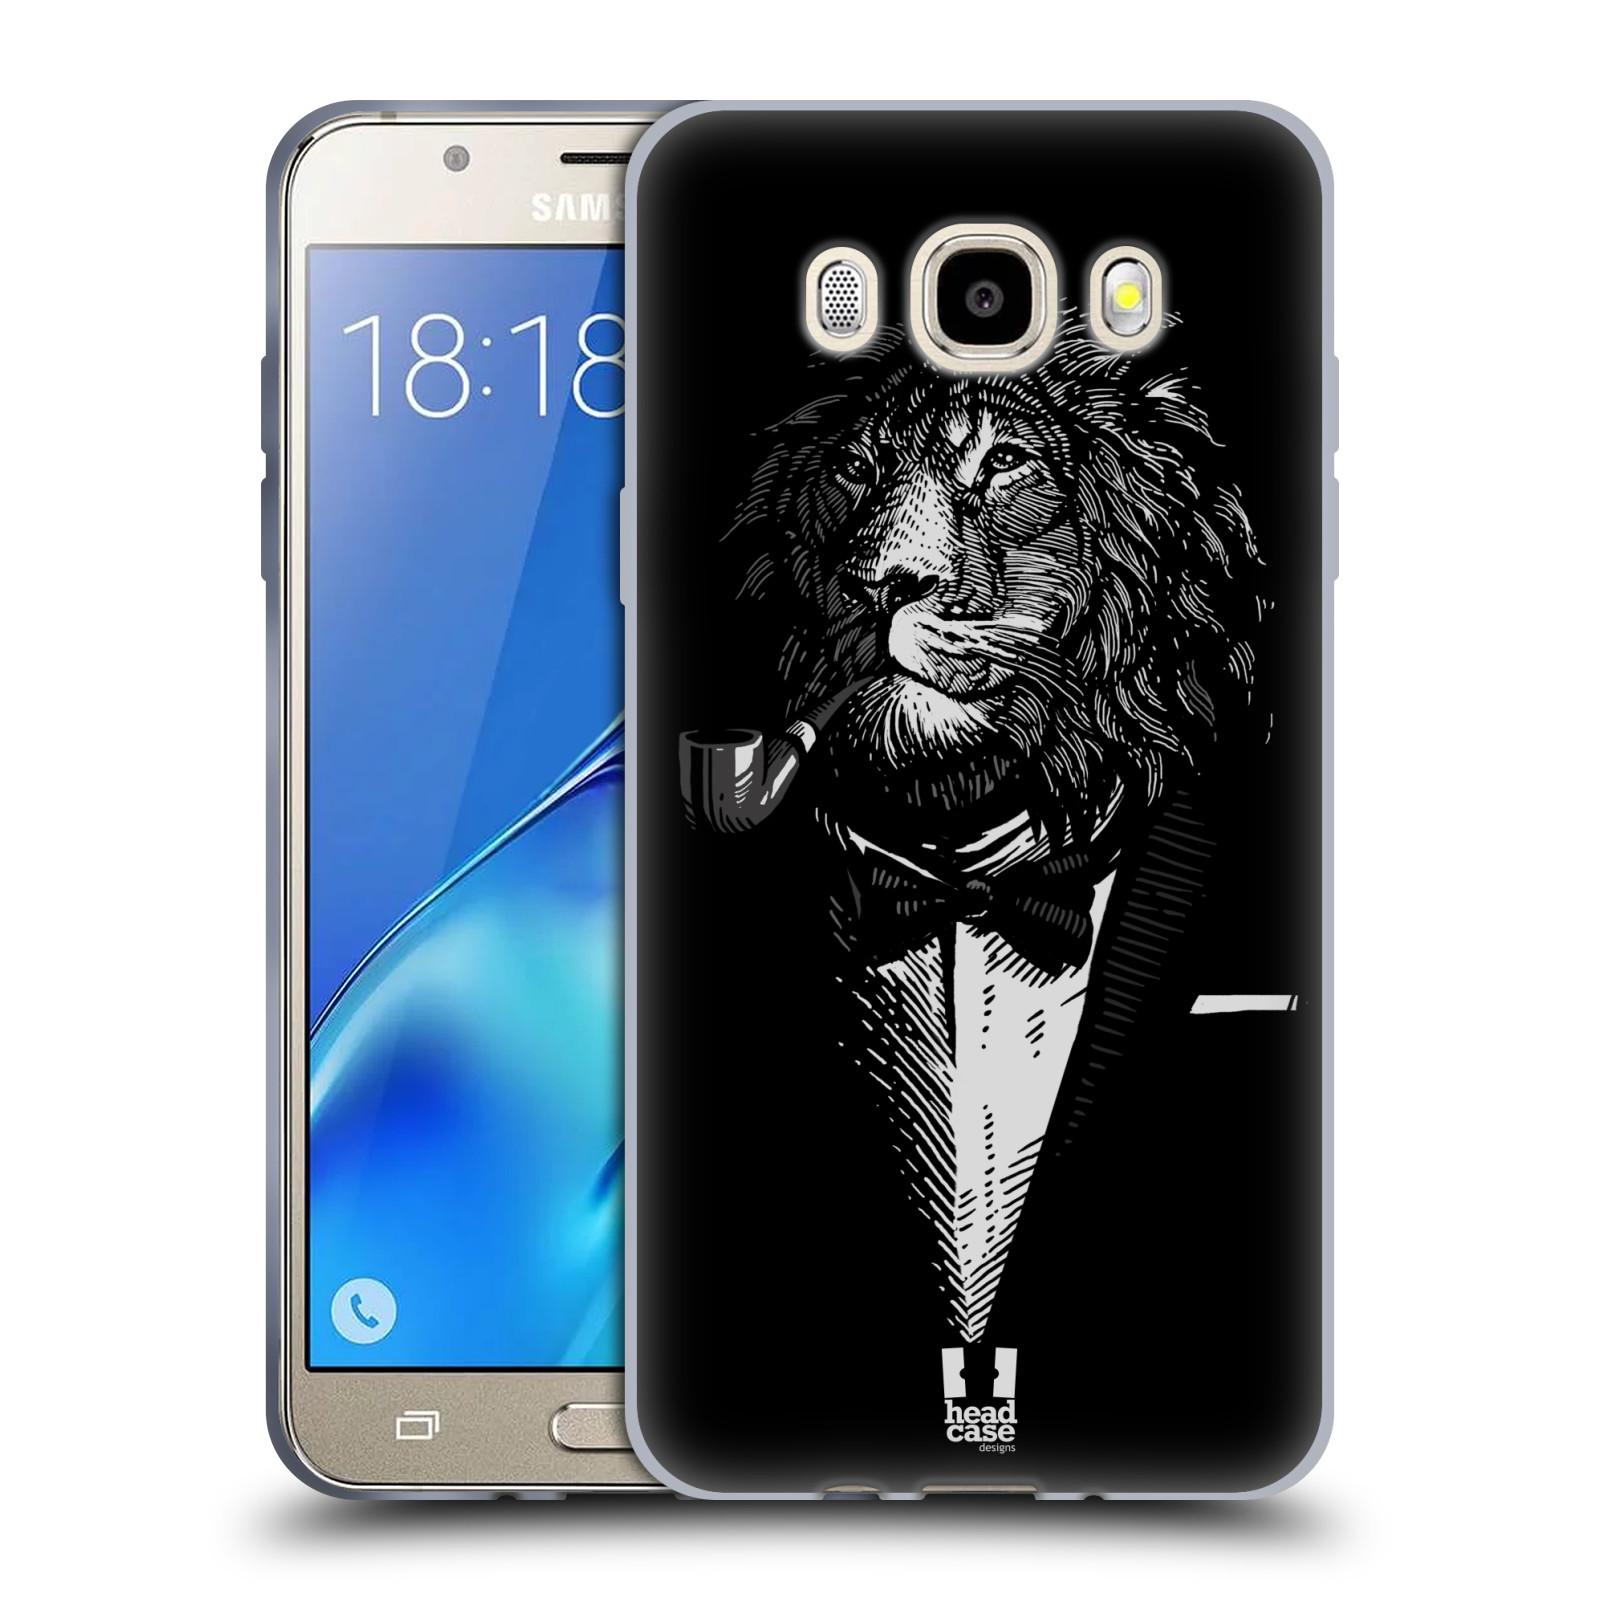 HEAD CASE silikonový obal, kryt na mobil Samsung Galaxy J5 2016, J510, J510F, (J510F DUAL SIM) vzor Zvíře v obleku lev